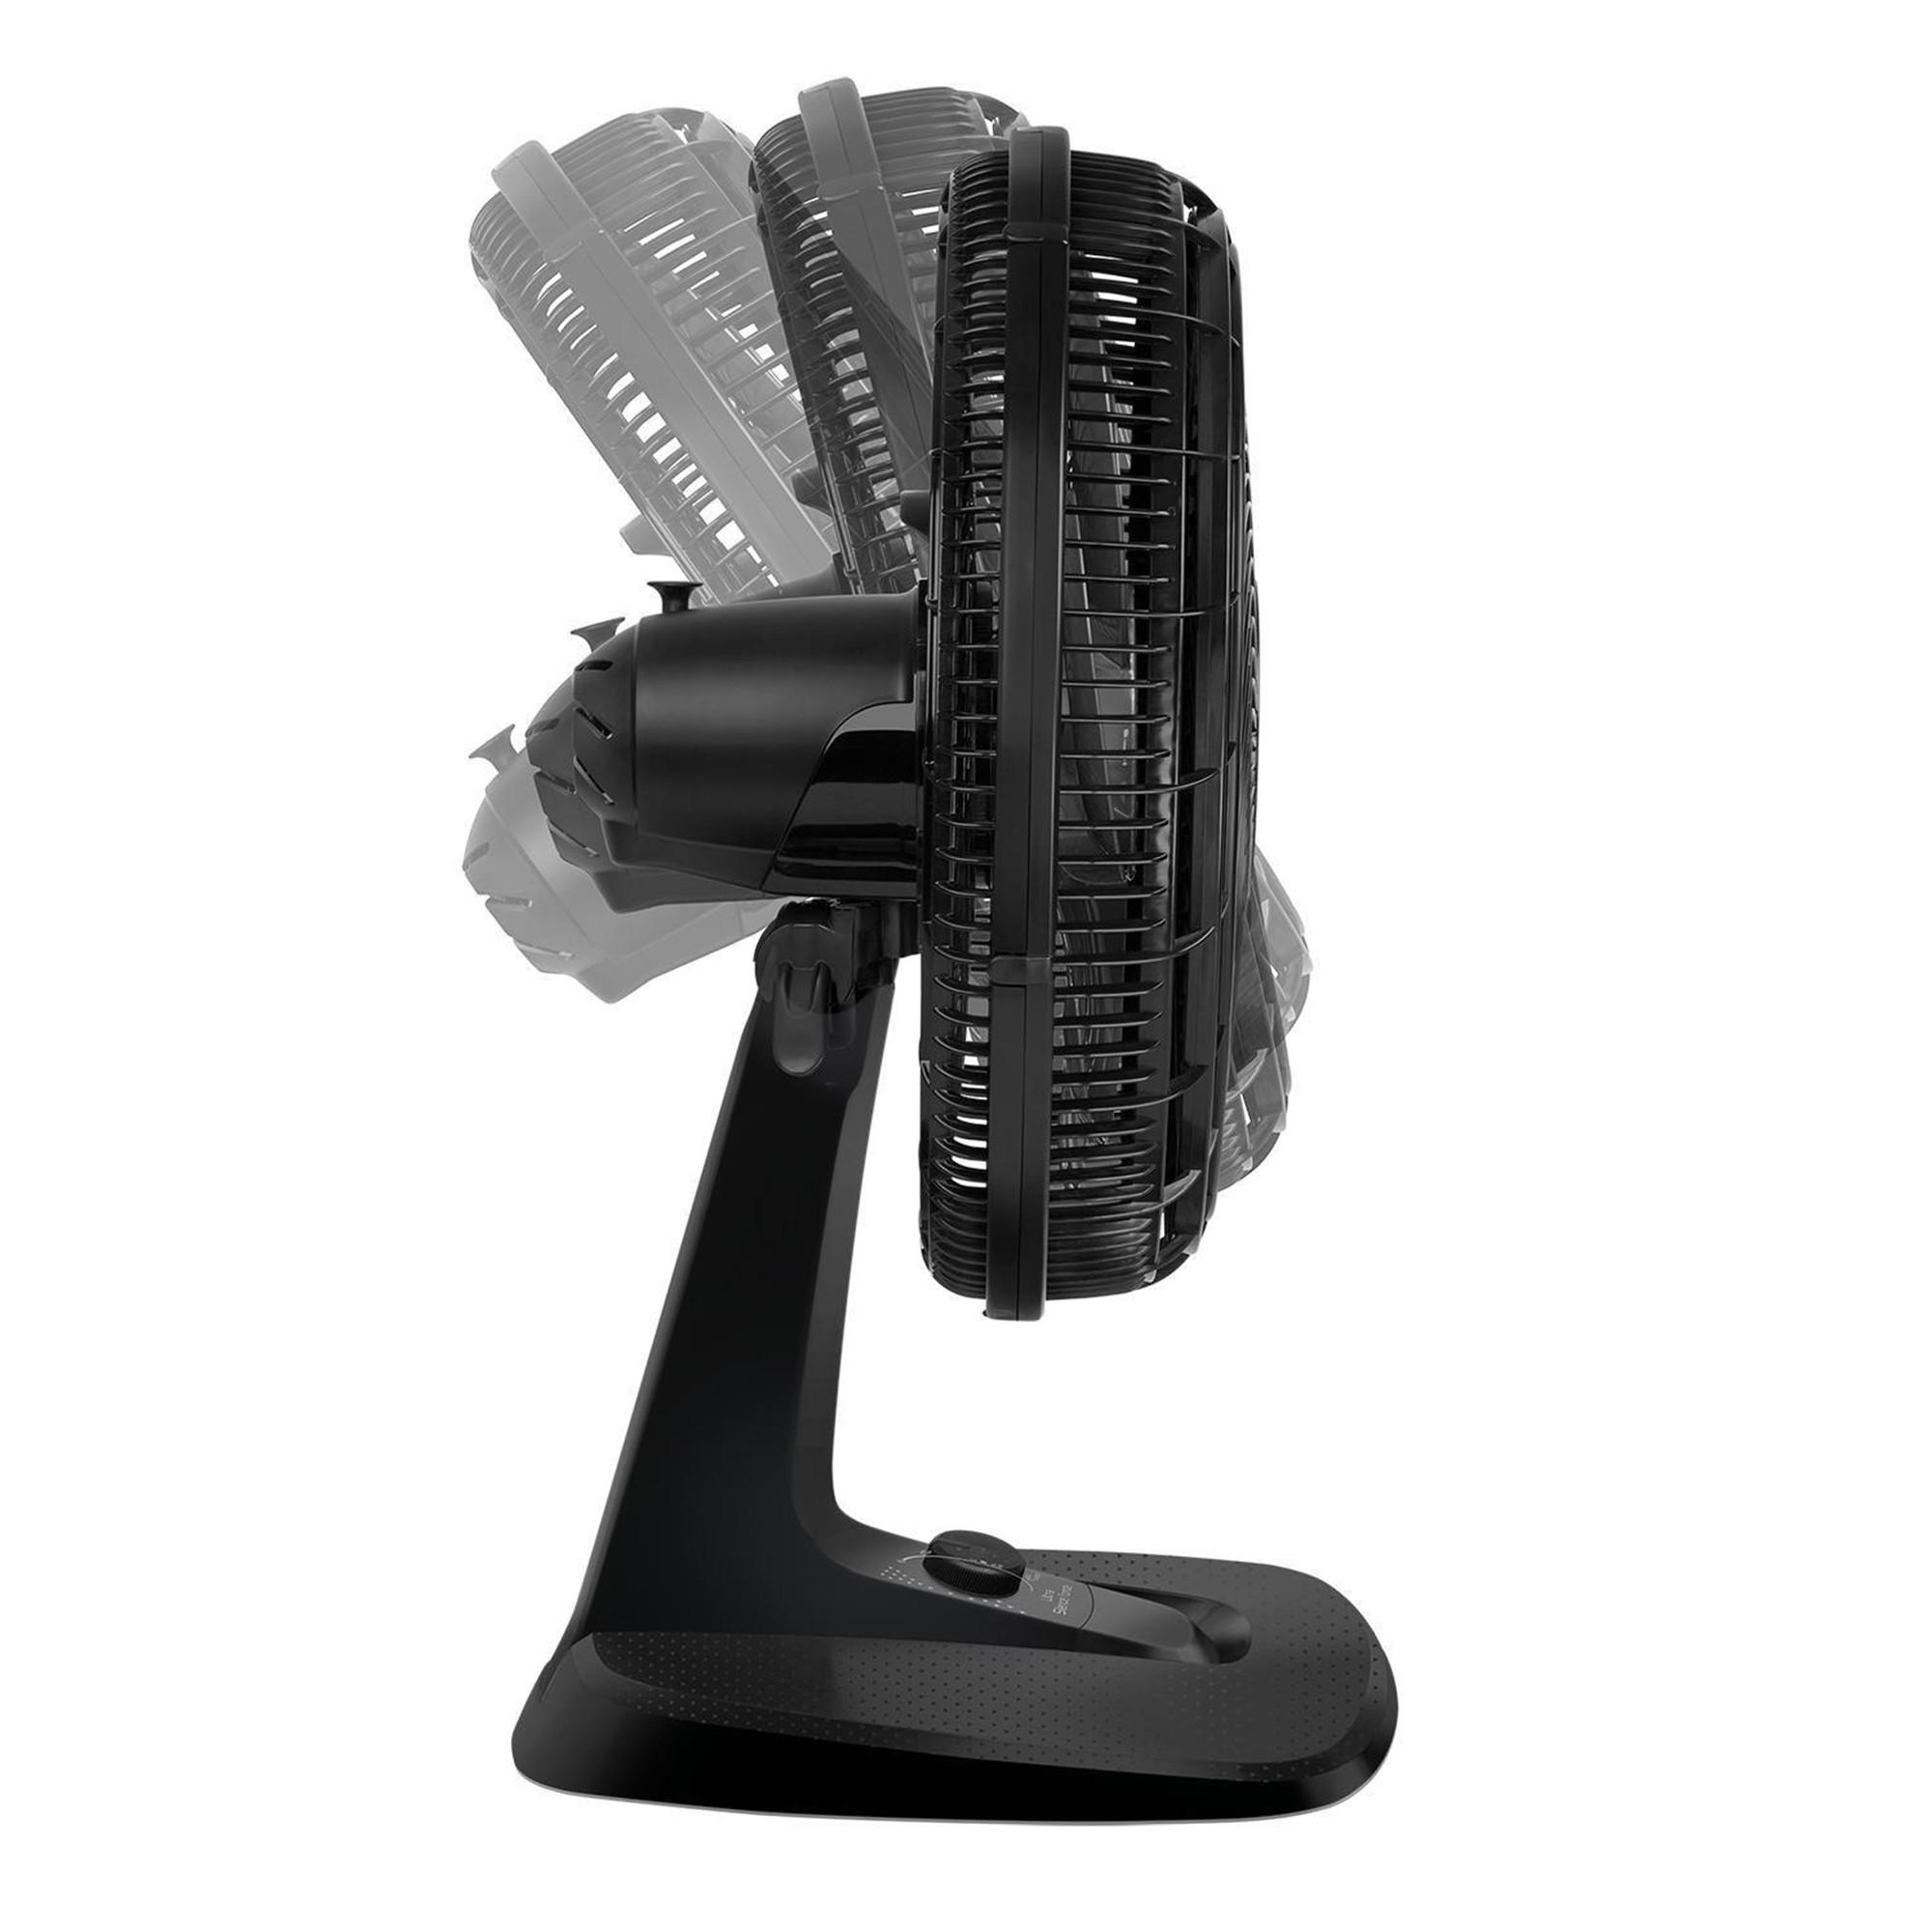 Ventilador de Mesa Arno VD40 Ultra Silence Force, 40 cm, 3 Velocidades, Preto 110V